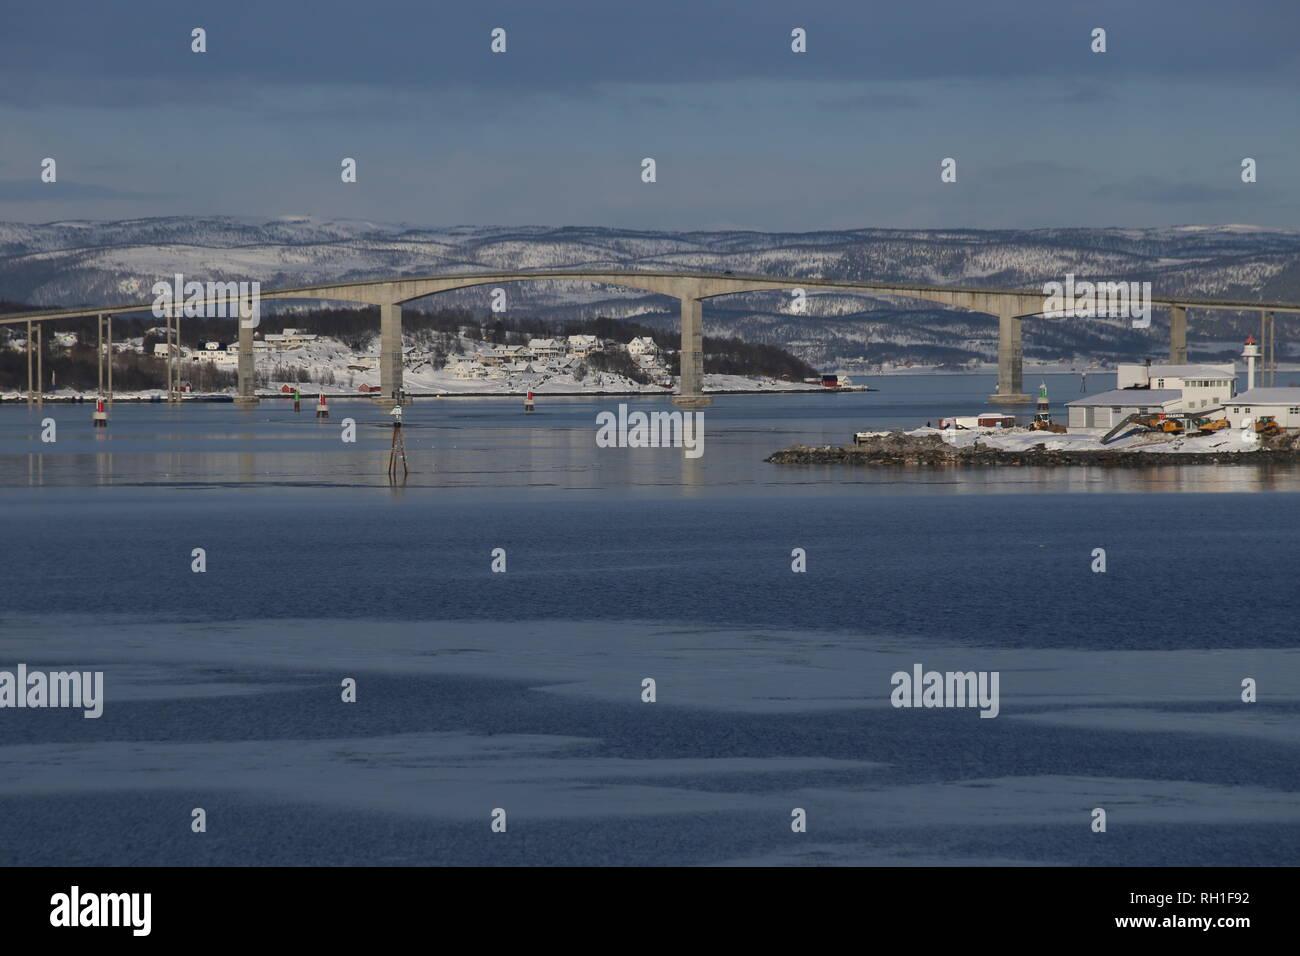 Die Gisund-Brücke befindet sich in der norwegischen Provinz Fylke. Es ist eine Auslegerbrücke. Stock Photo